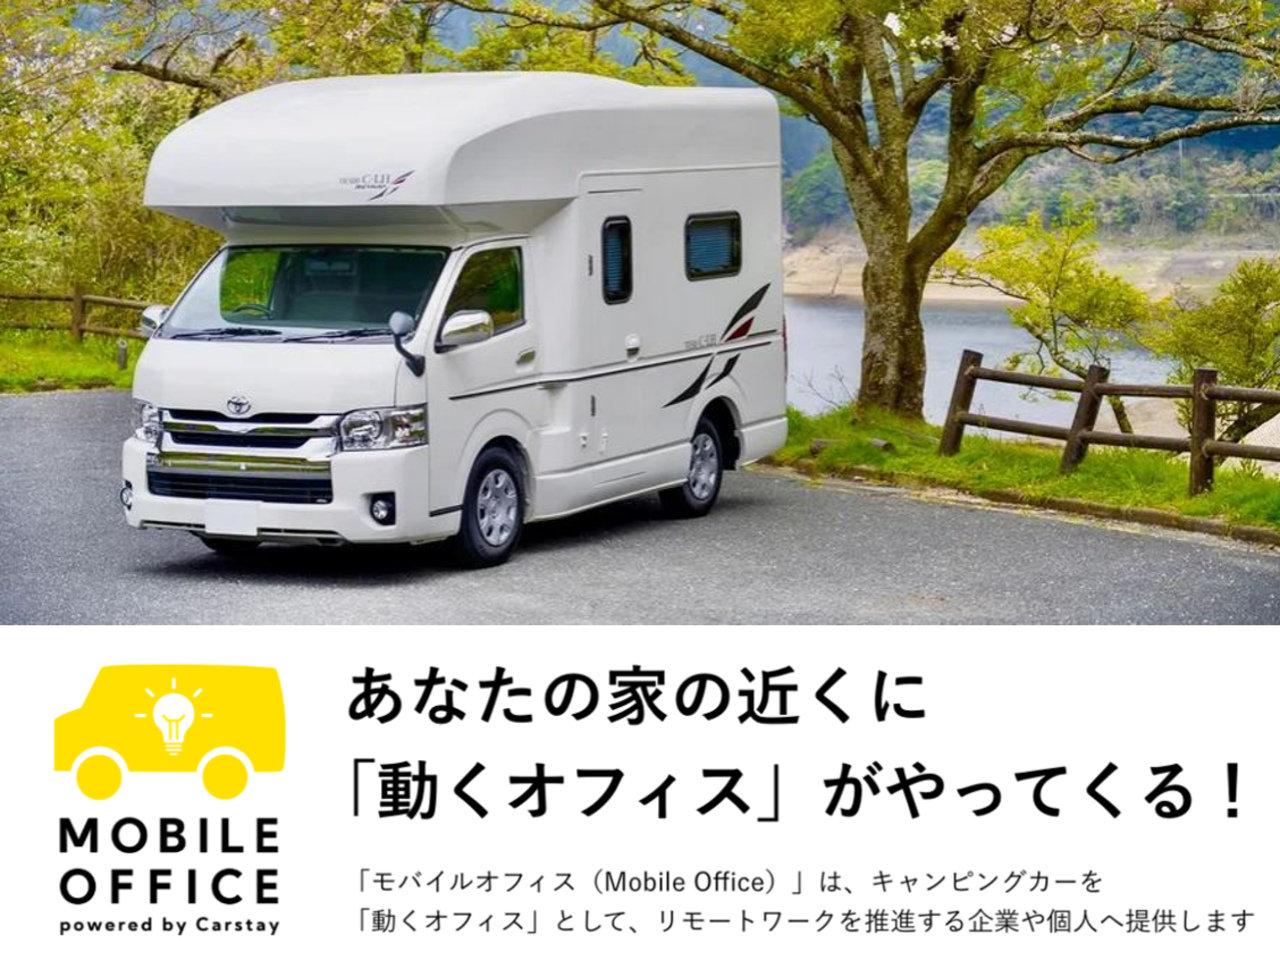 京急電鉄沿線で『モバイル・オフィス』の実証実験